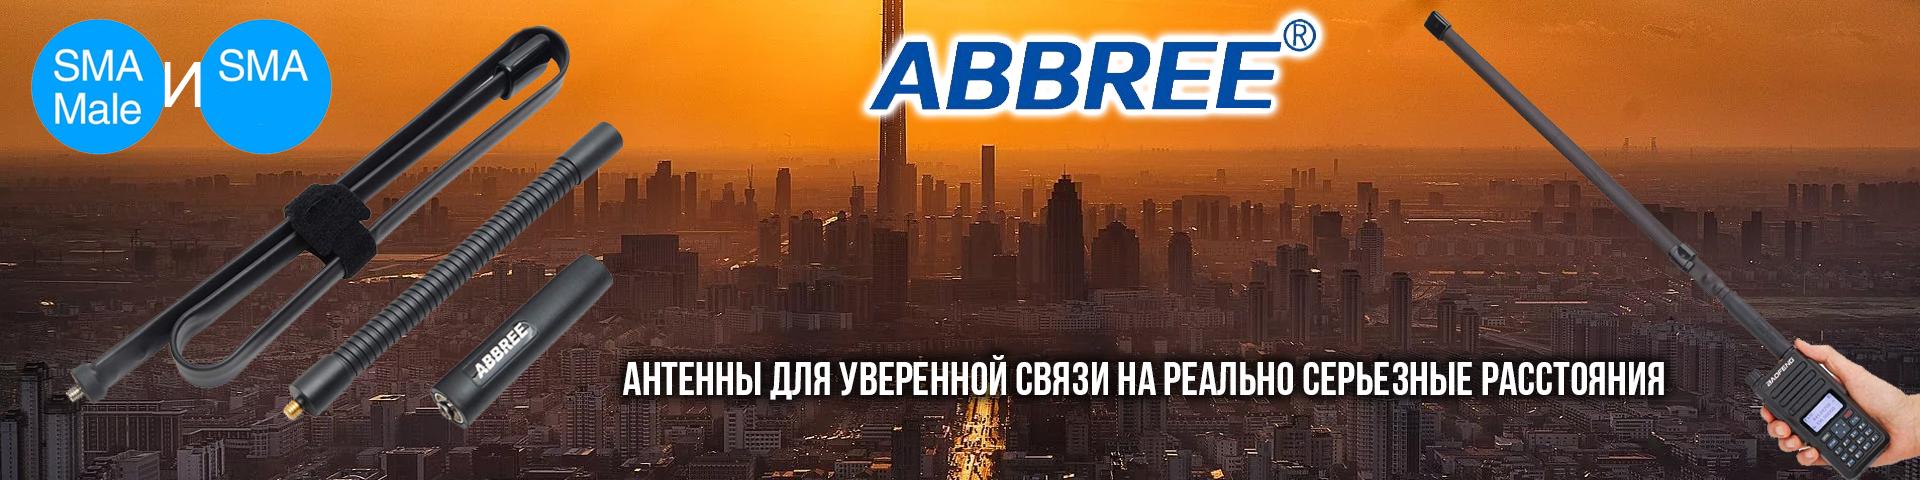 abbree